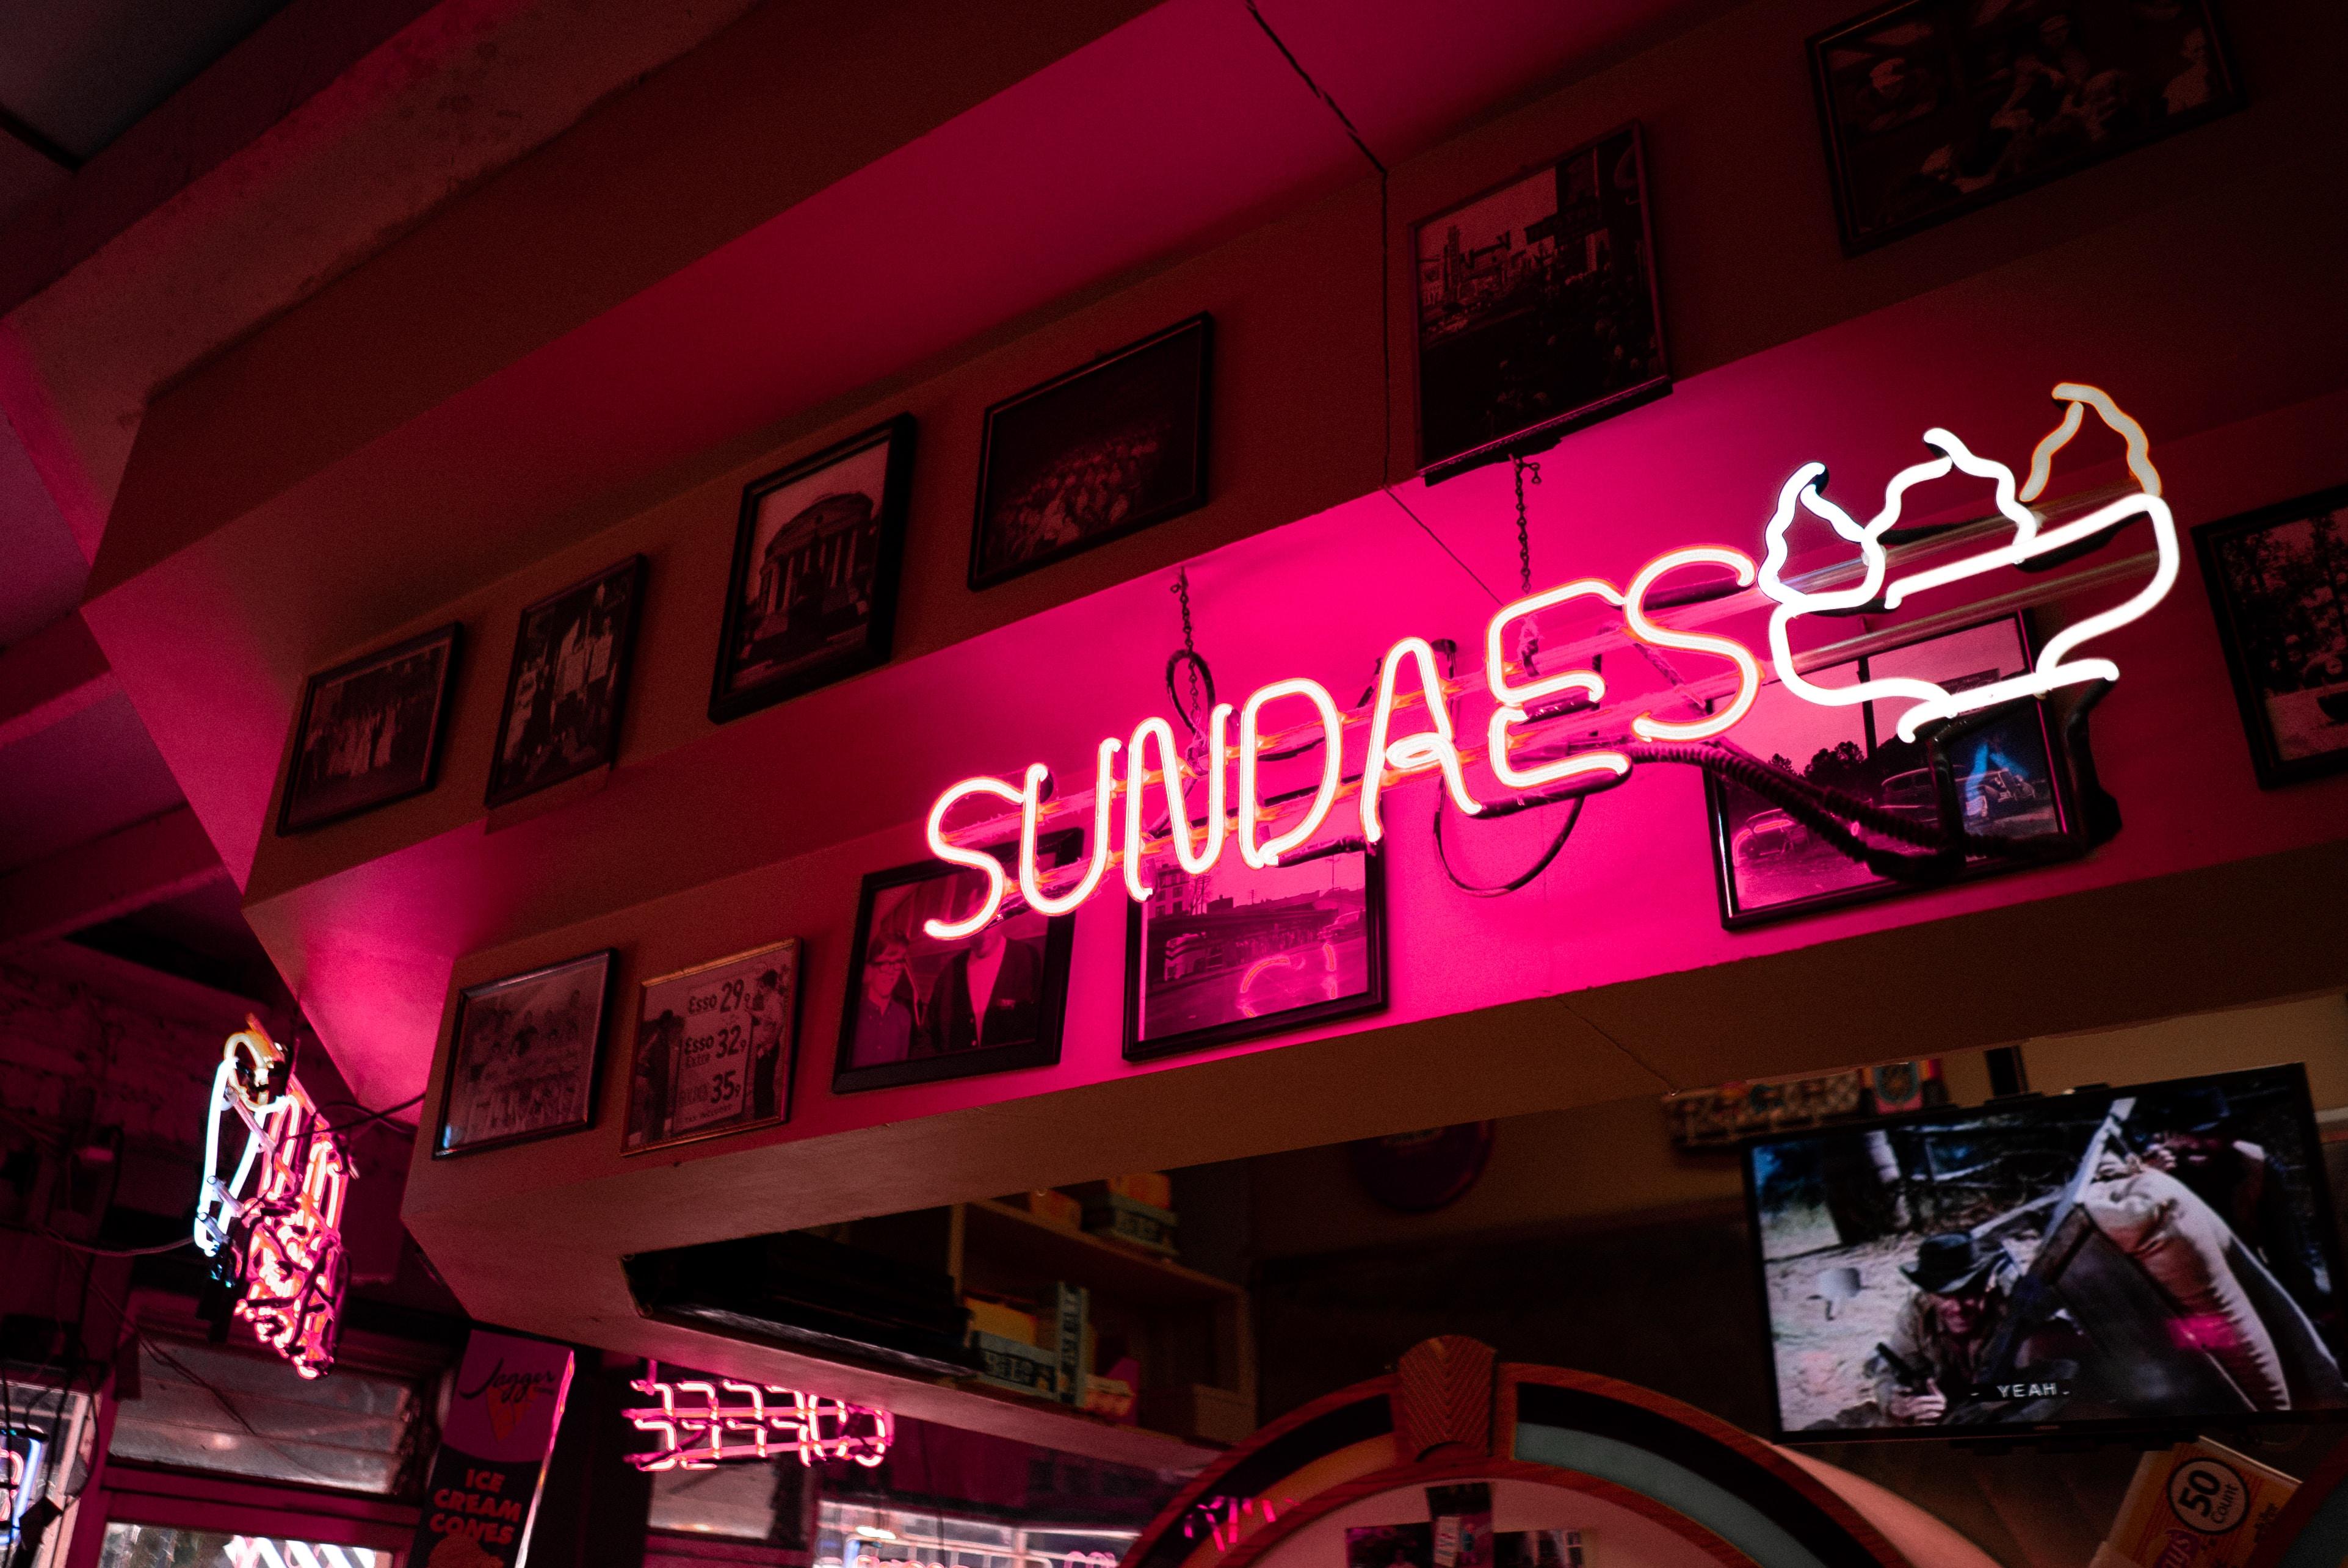 Sundaes signage